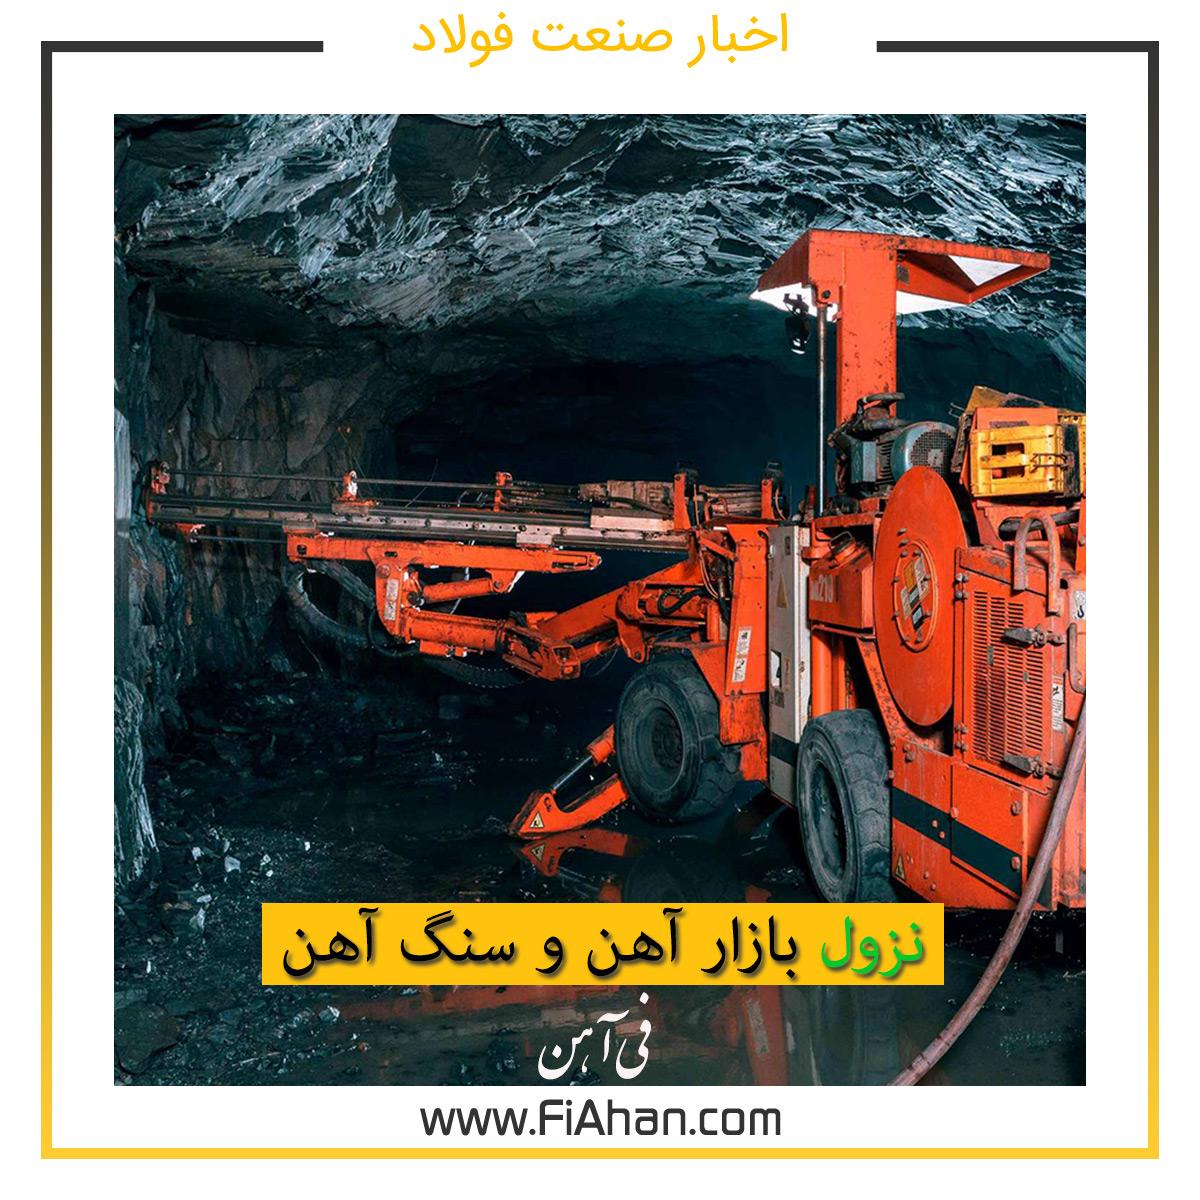 نزول بازار آهن و سنگ آهن